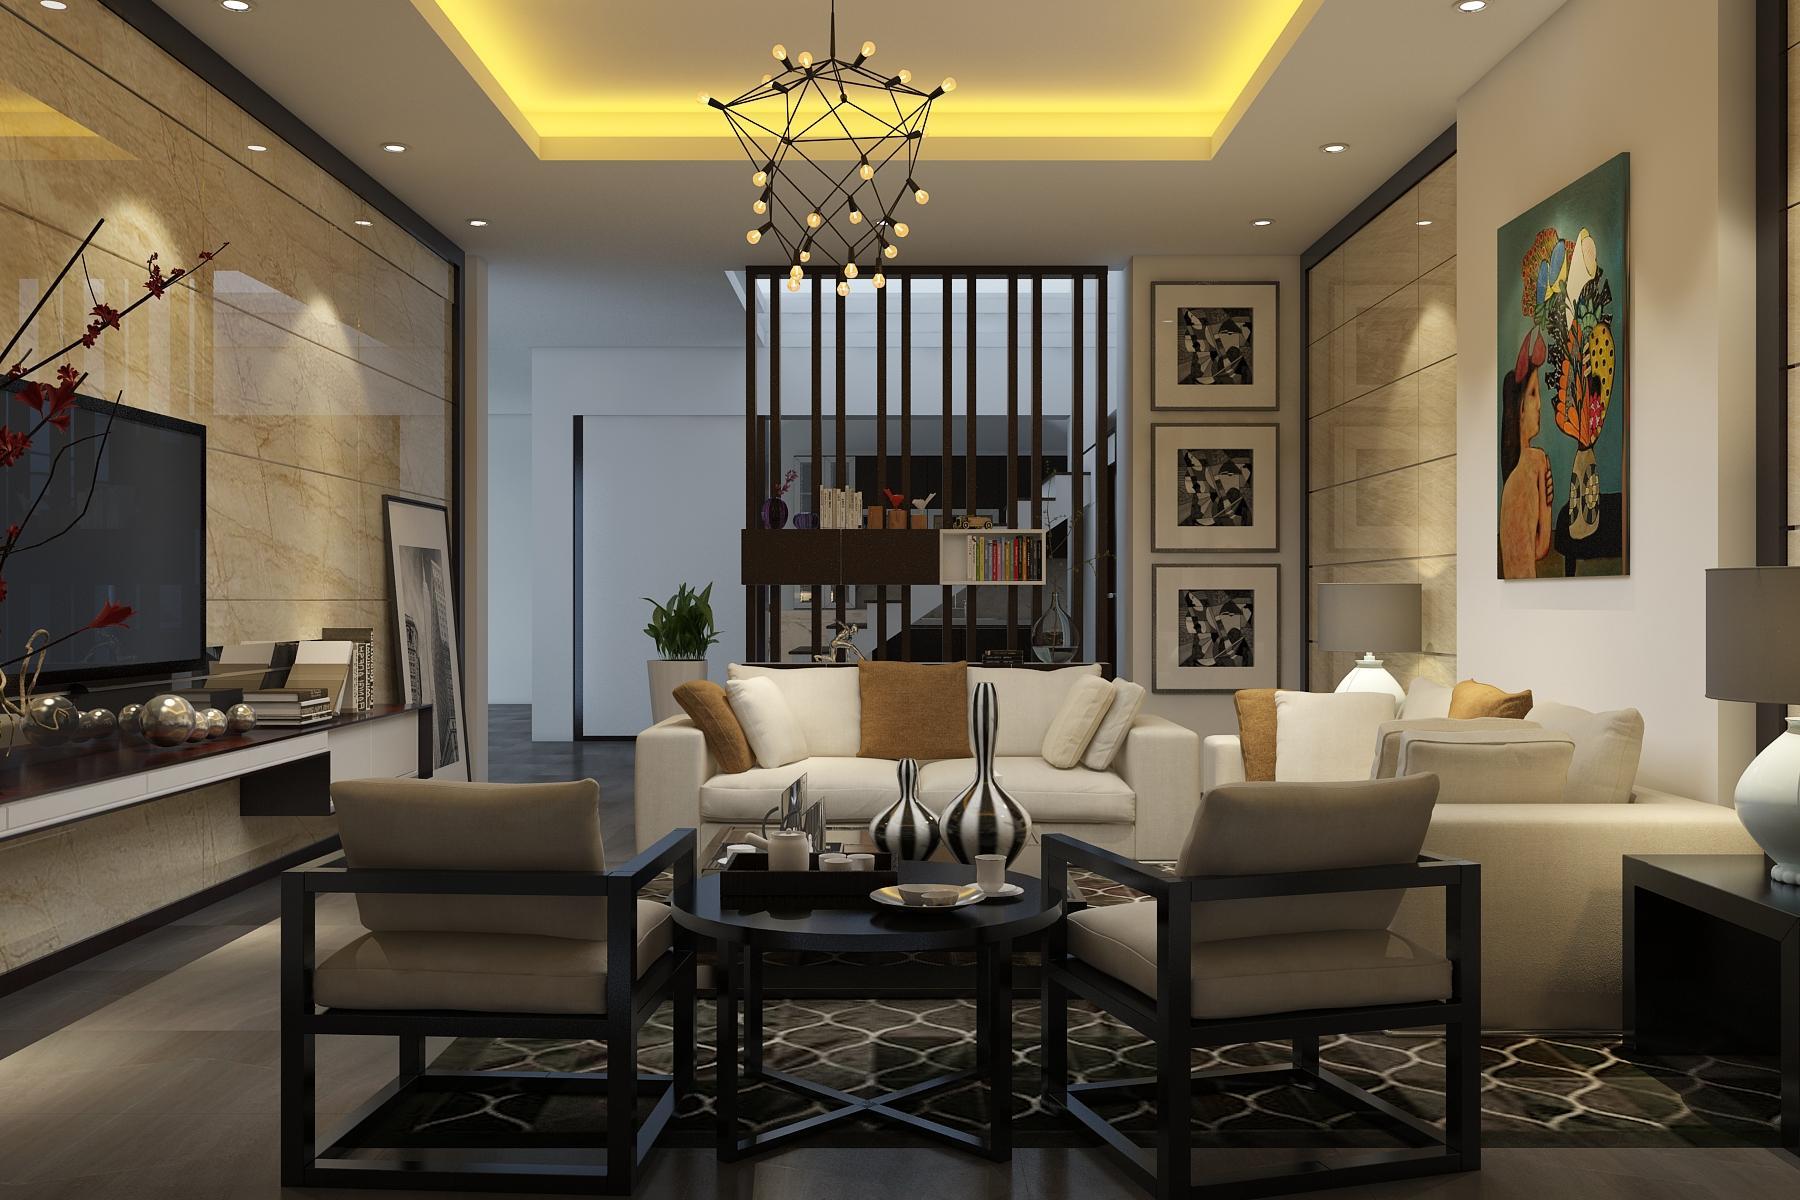 Nội thất phòng khách đẹp nhà chú Tuấn - Điện Biên